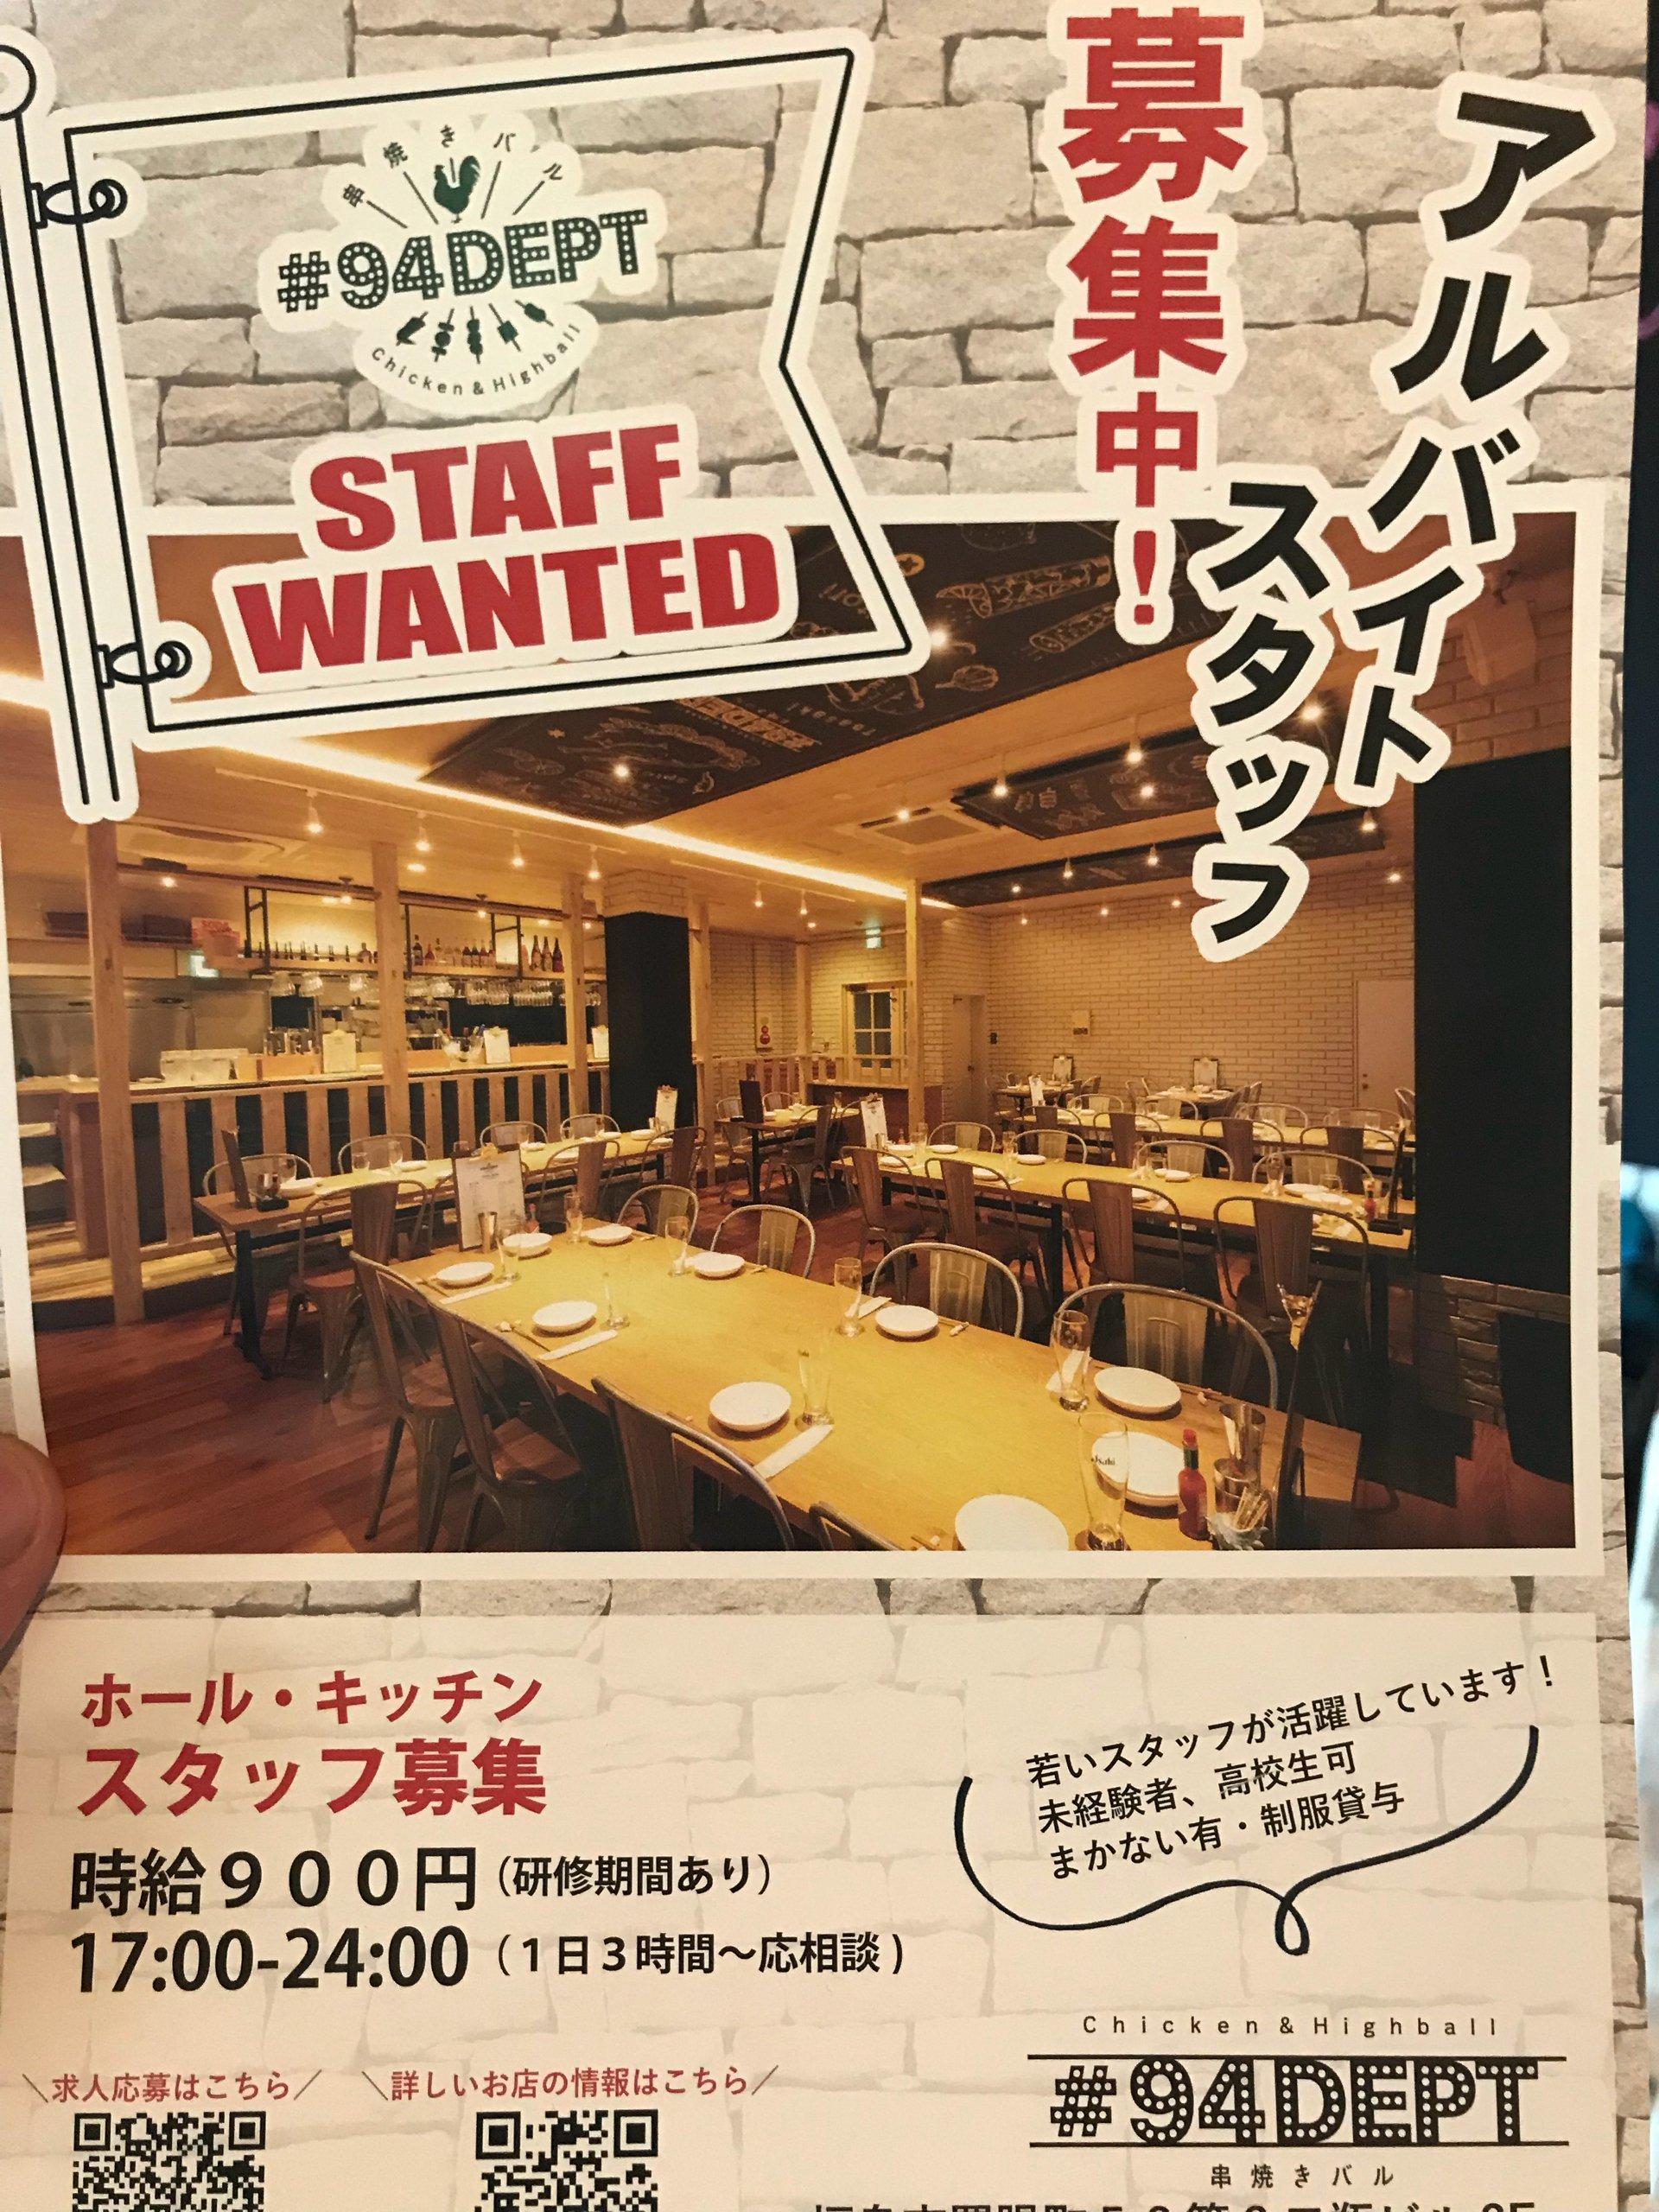 串焼きバル #94DEPT(クシデプト)   福島市・焼き鳥・宴会・94デプト・公式HP・最安値クーポン